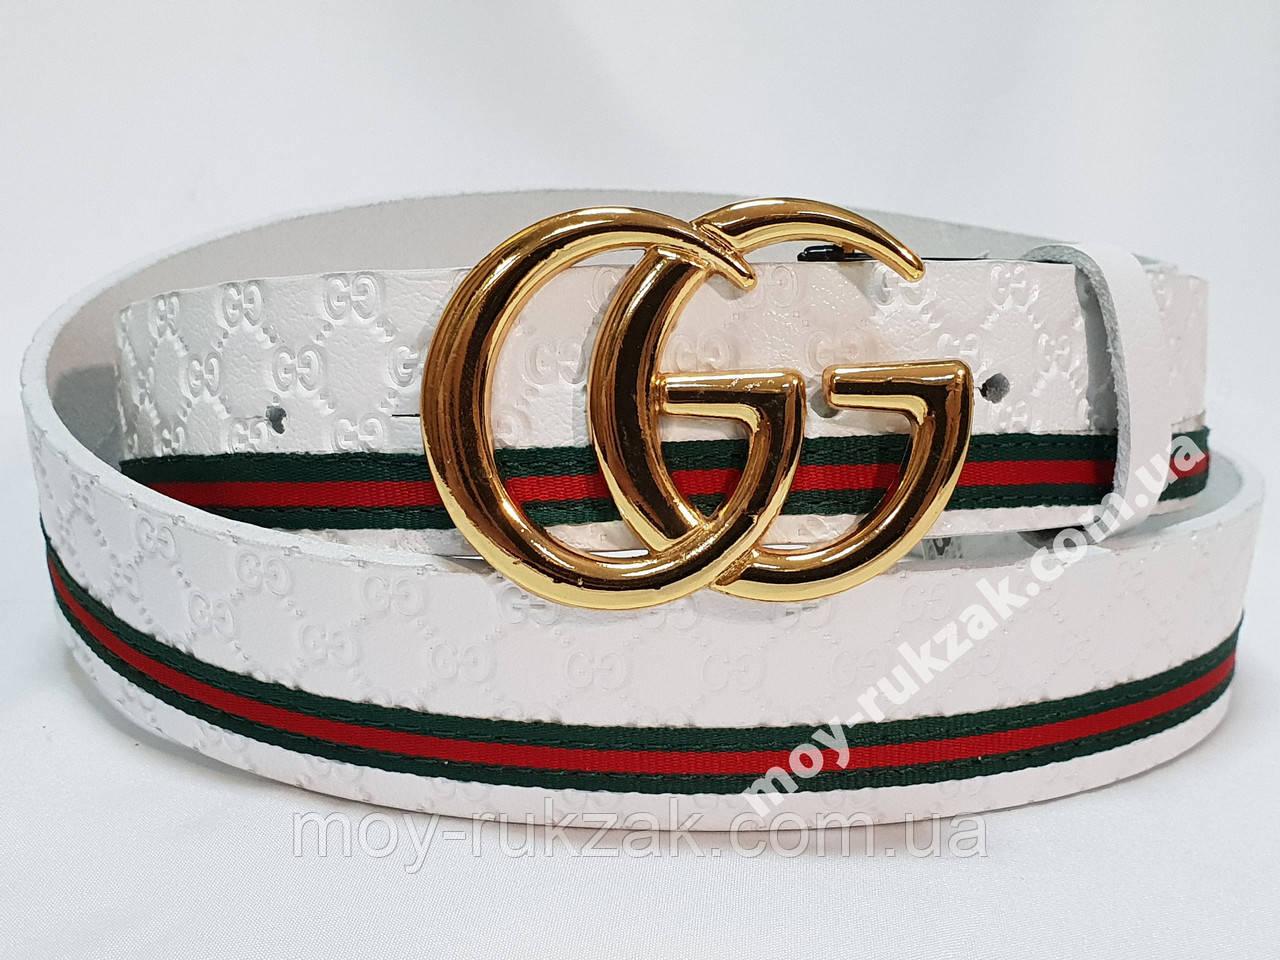 Ремень мужской кожаный Gucci ширина 40 мм., реплика арт. 930615